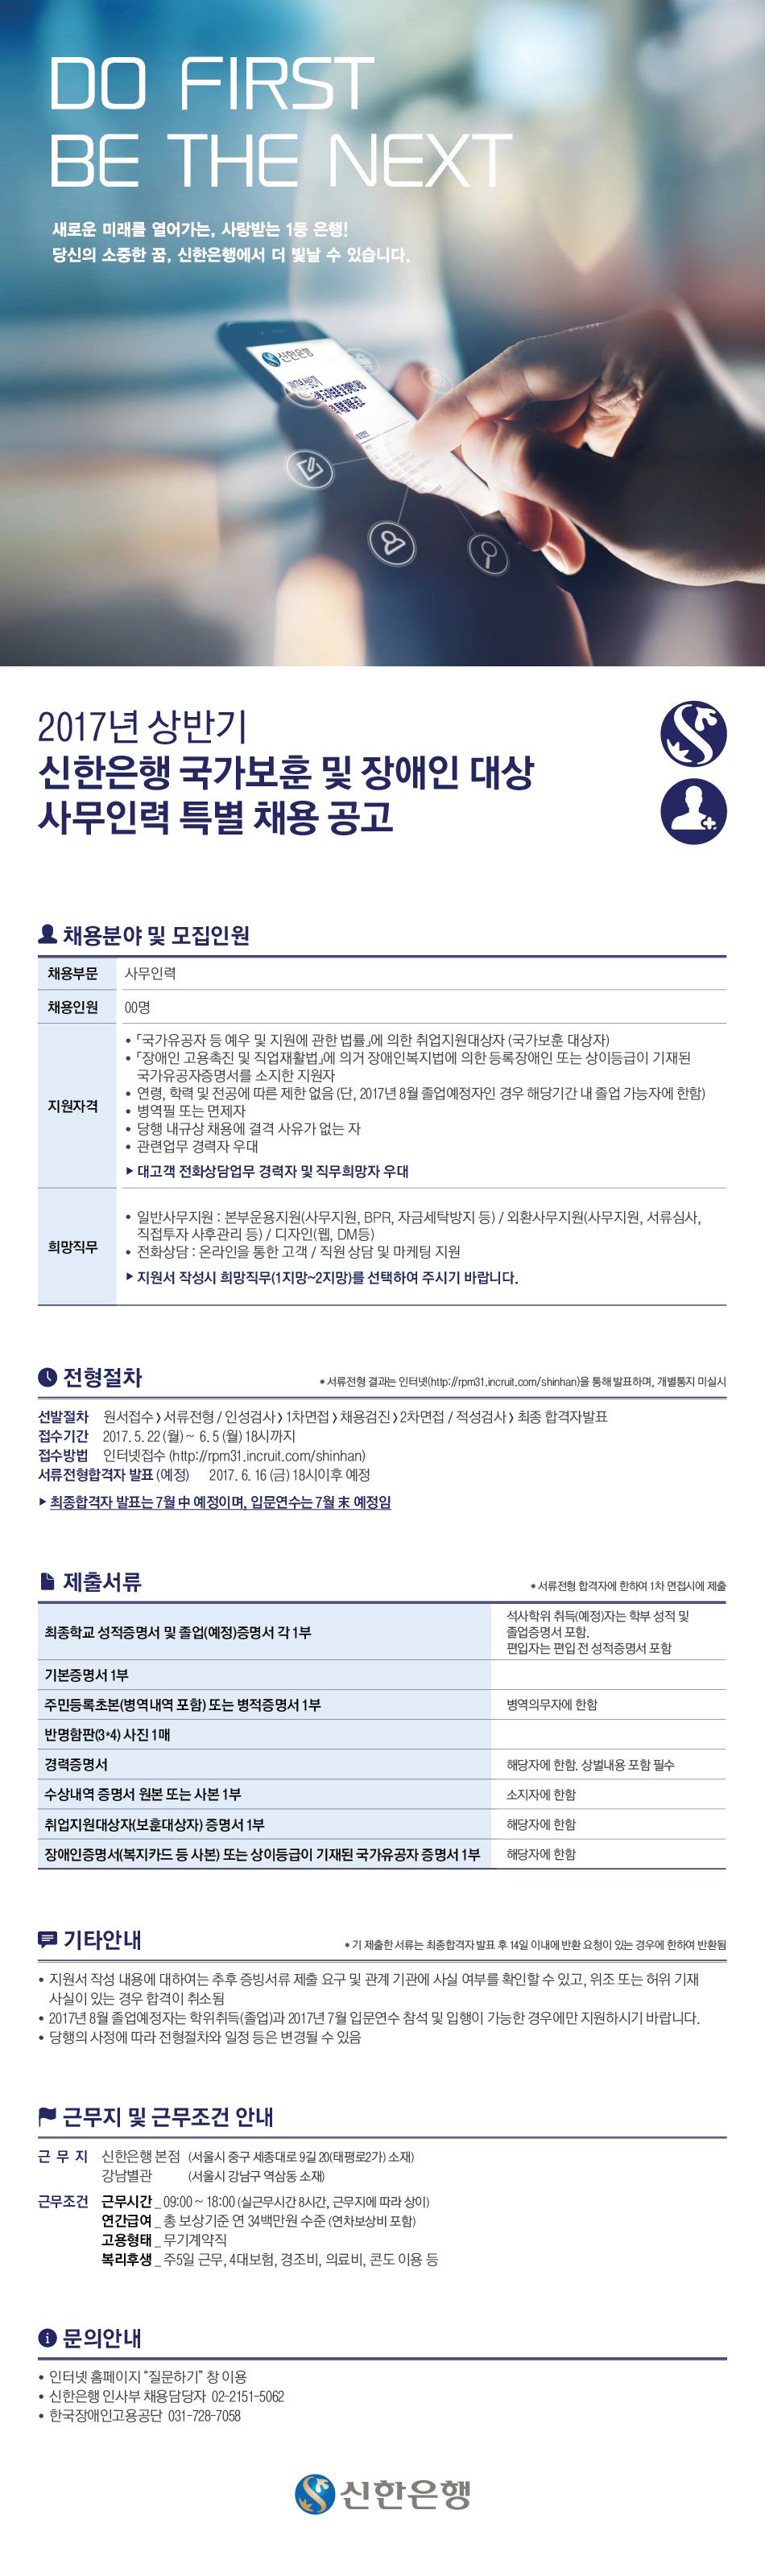 2017년도 상반기 신한은행 장애인 특별채용 및 홍보